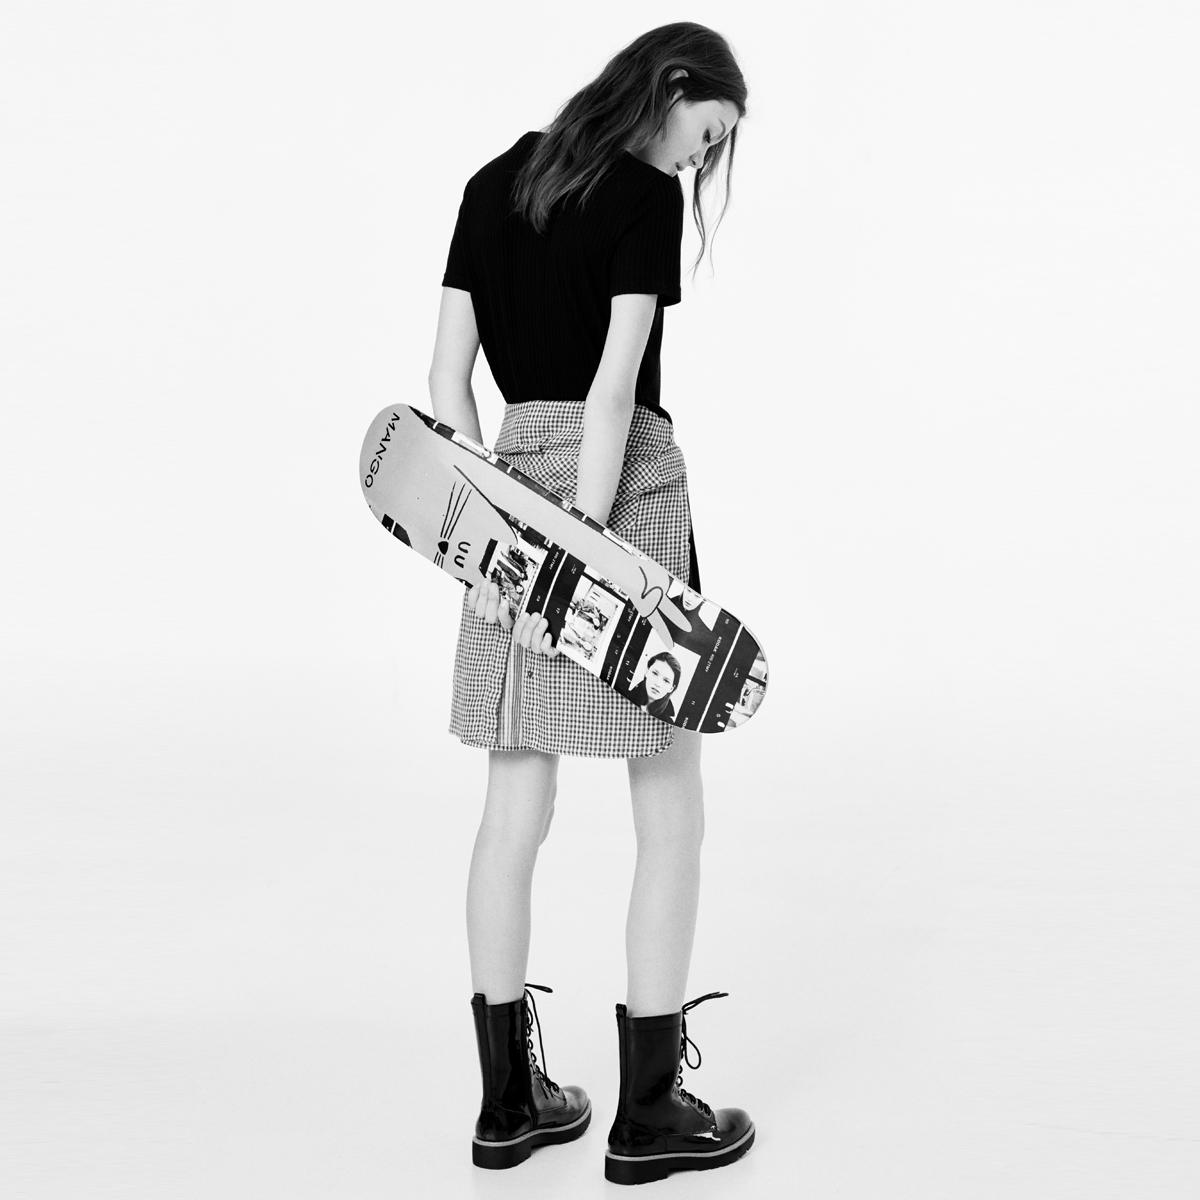 modelo_skate_2